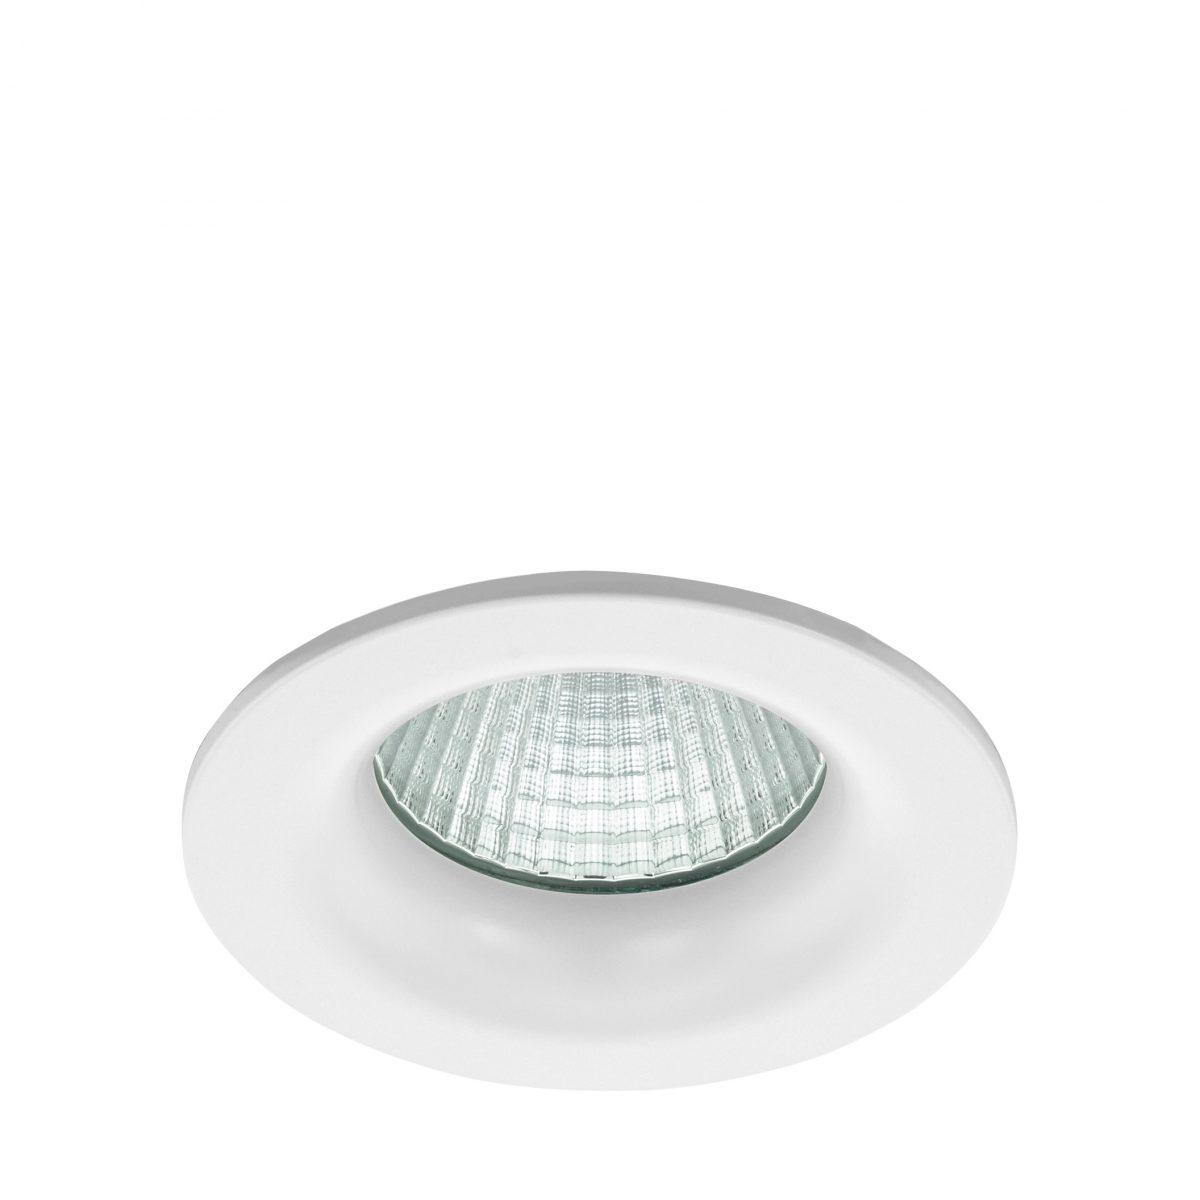 Светильник настенно-потолочный TALVERA P/PROFESSIO EGLO 61557 - Фото №28